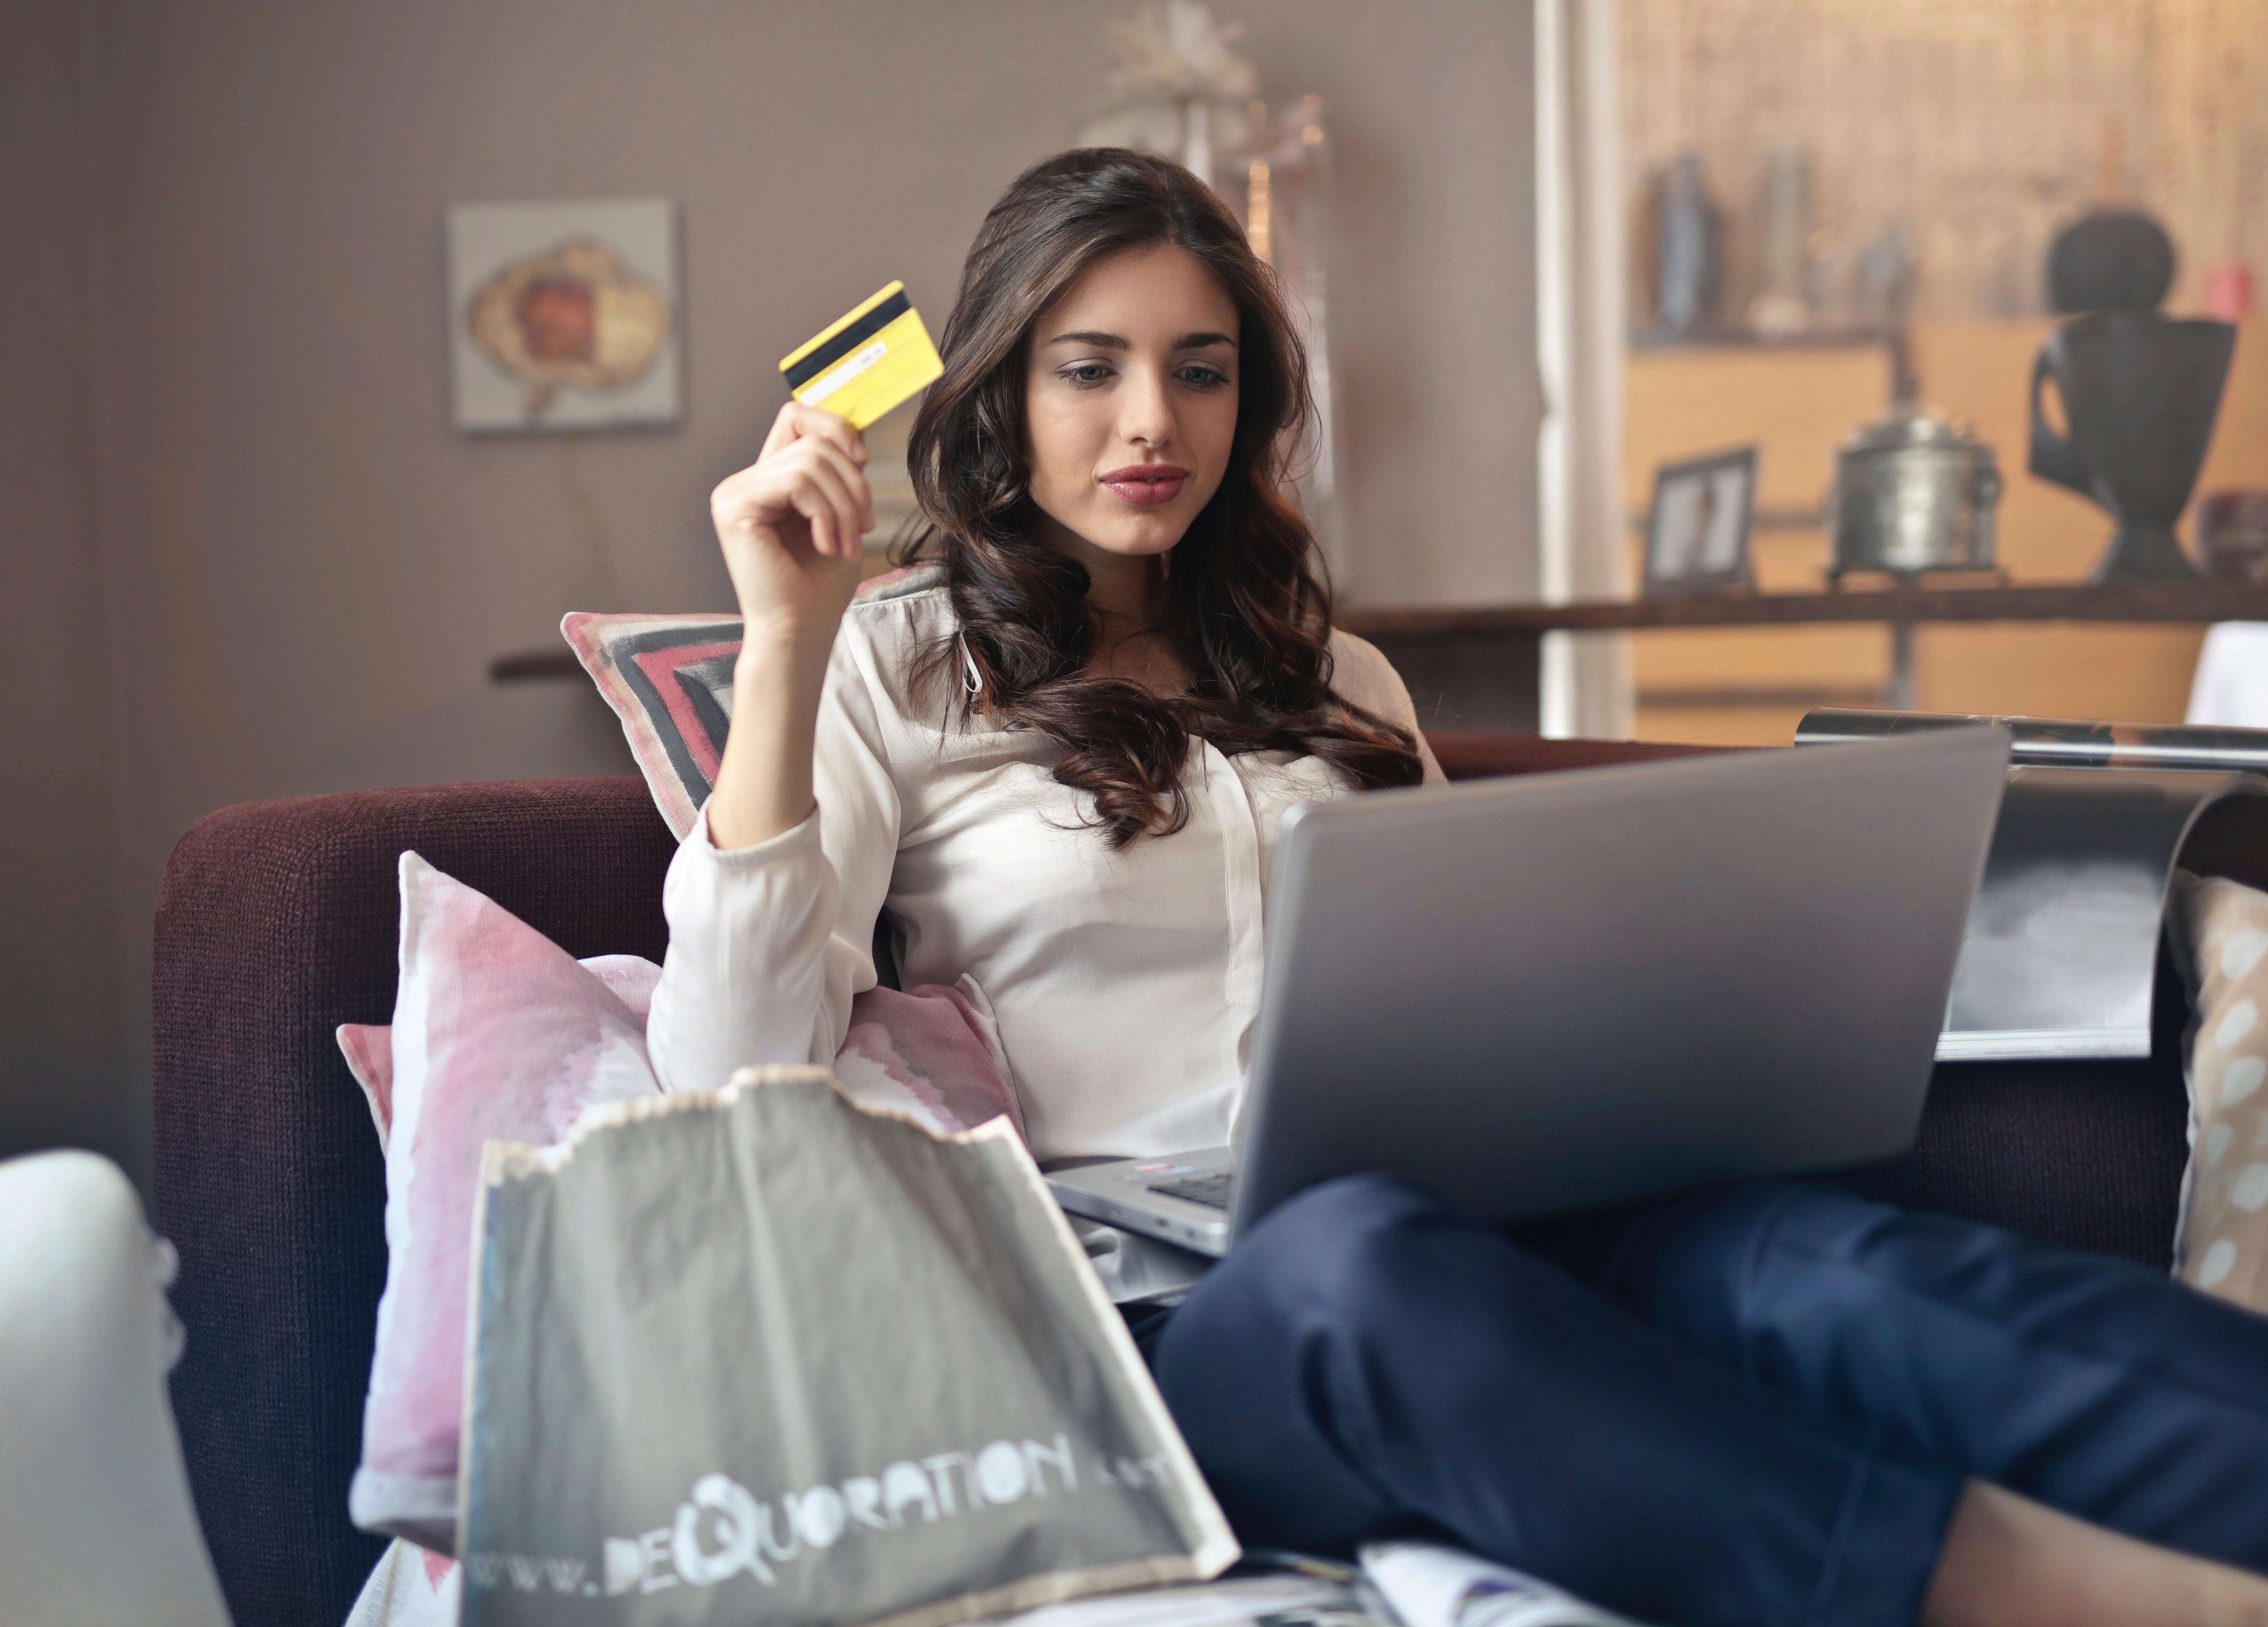 elogia-estudio-ecommerce-compra-ordenador